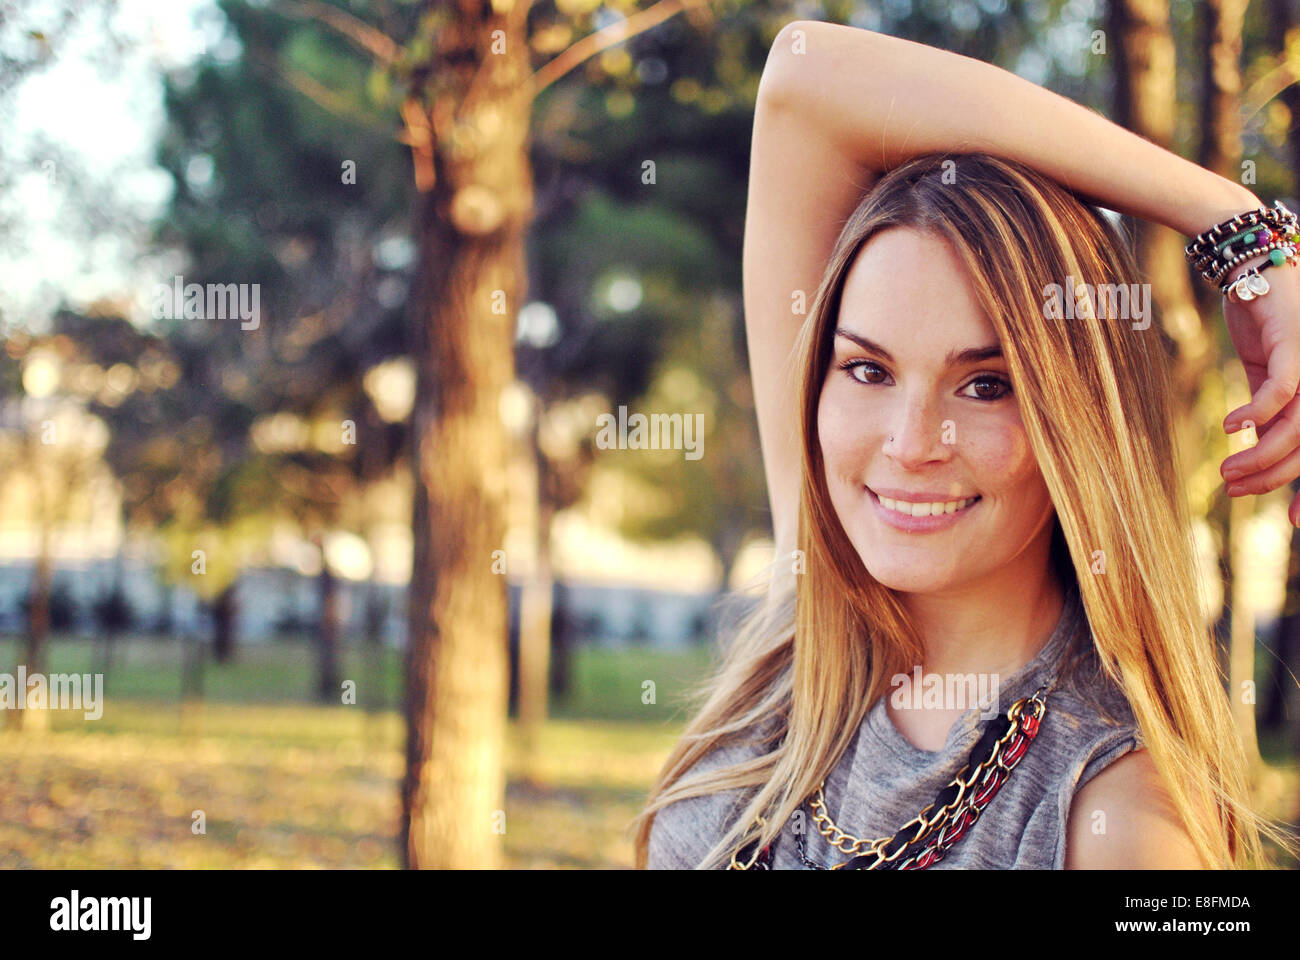 Ritratto di sorridente giovane donna in piedi in un parco Foto Stock